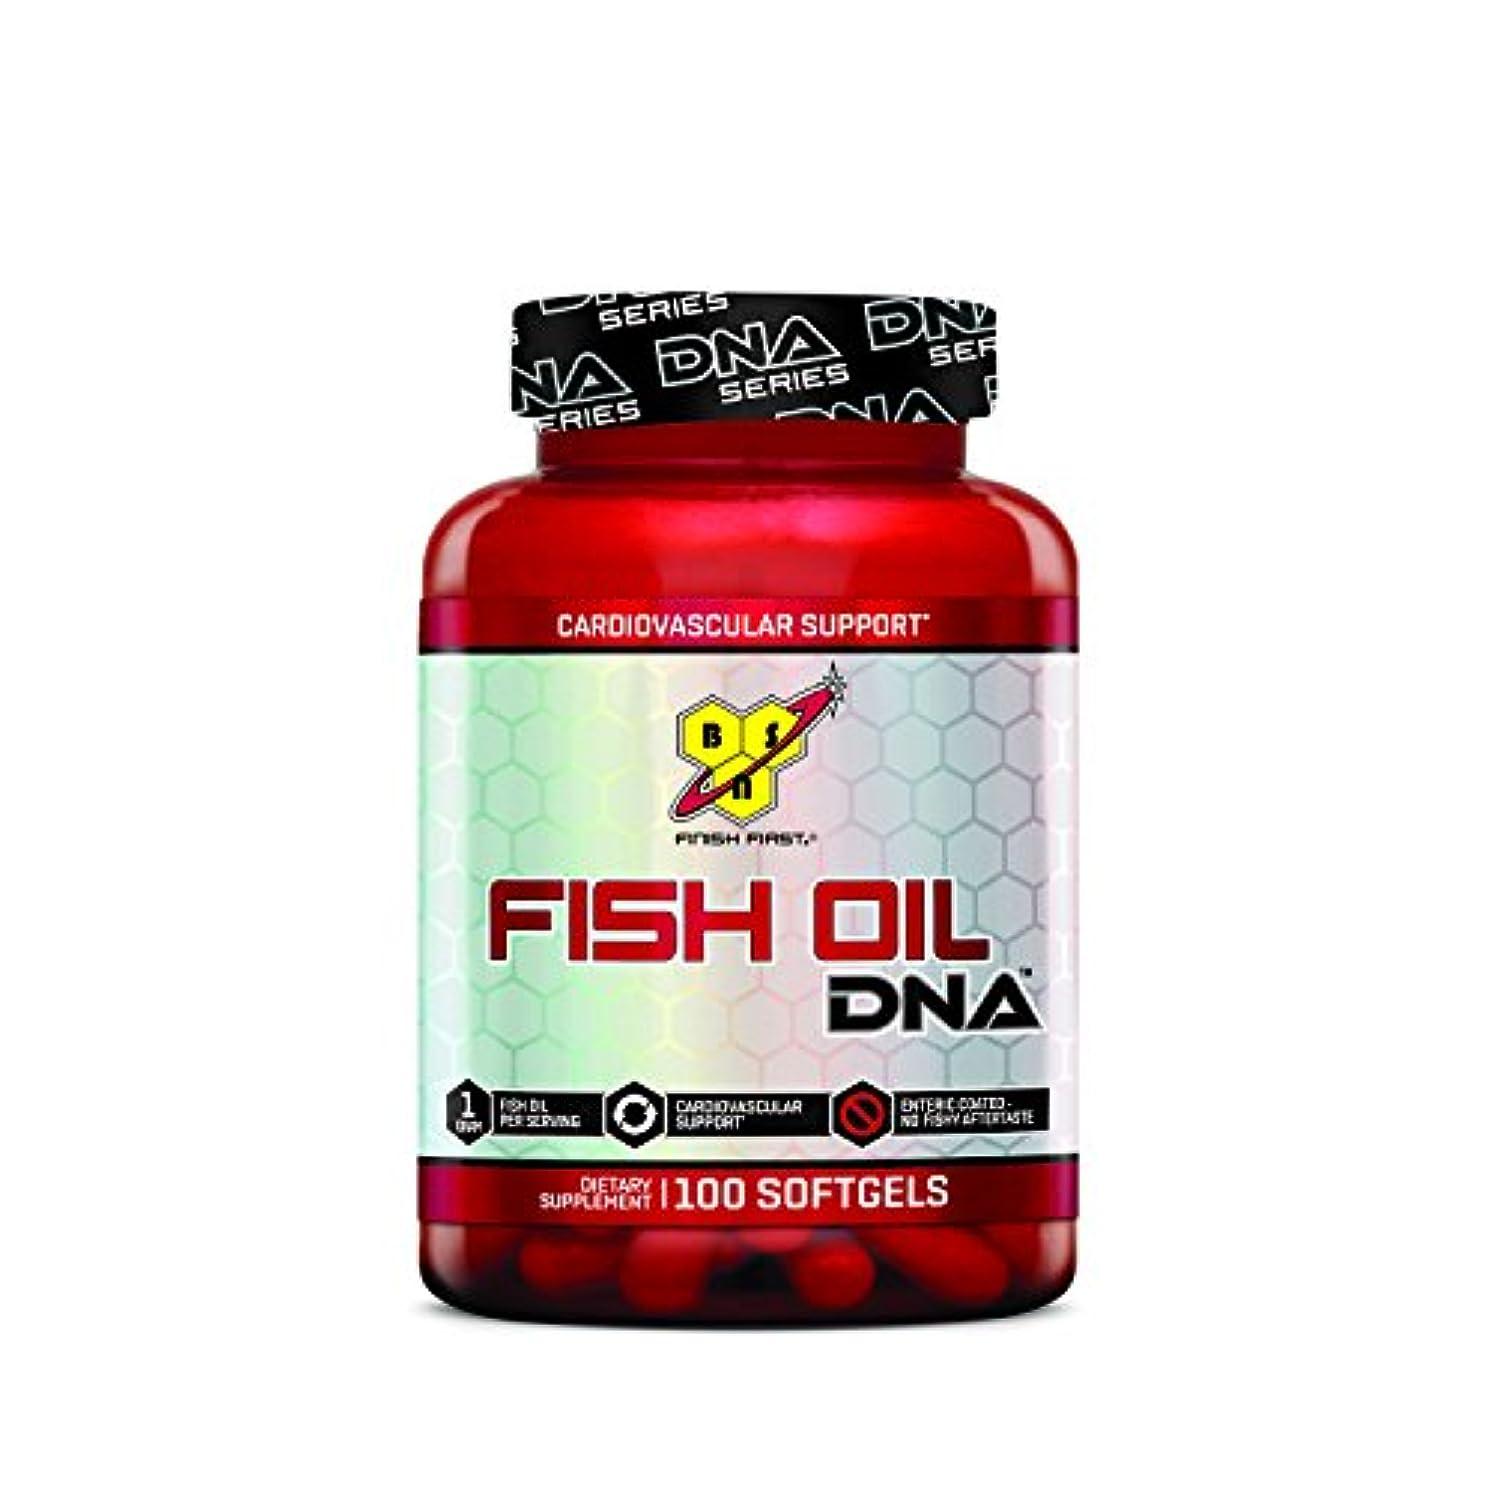 クリームレスリング薄めるBSN FISH OIL DNA - 100 softgels 海外直送品